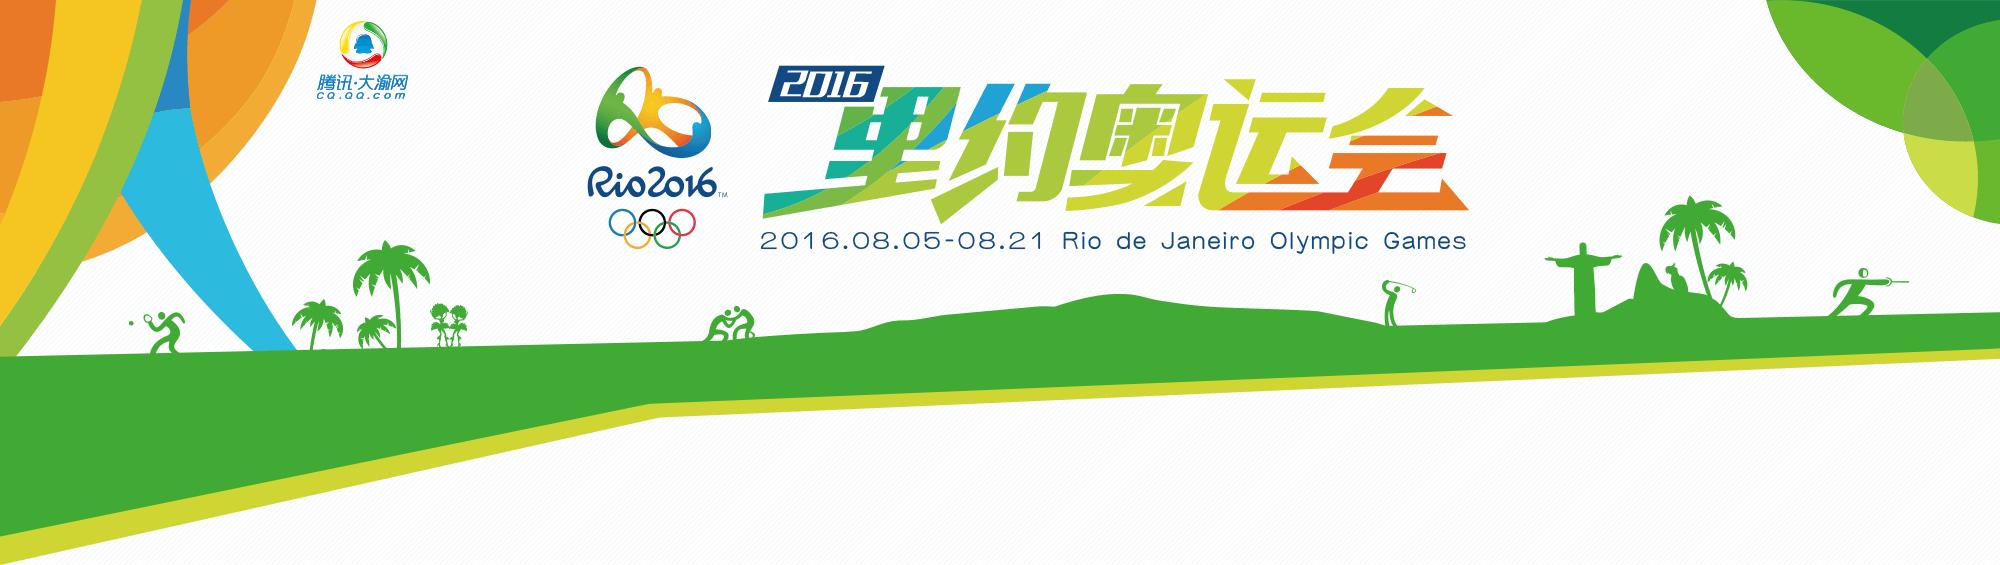 2016里约奥运会_腾讯大渝网